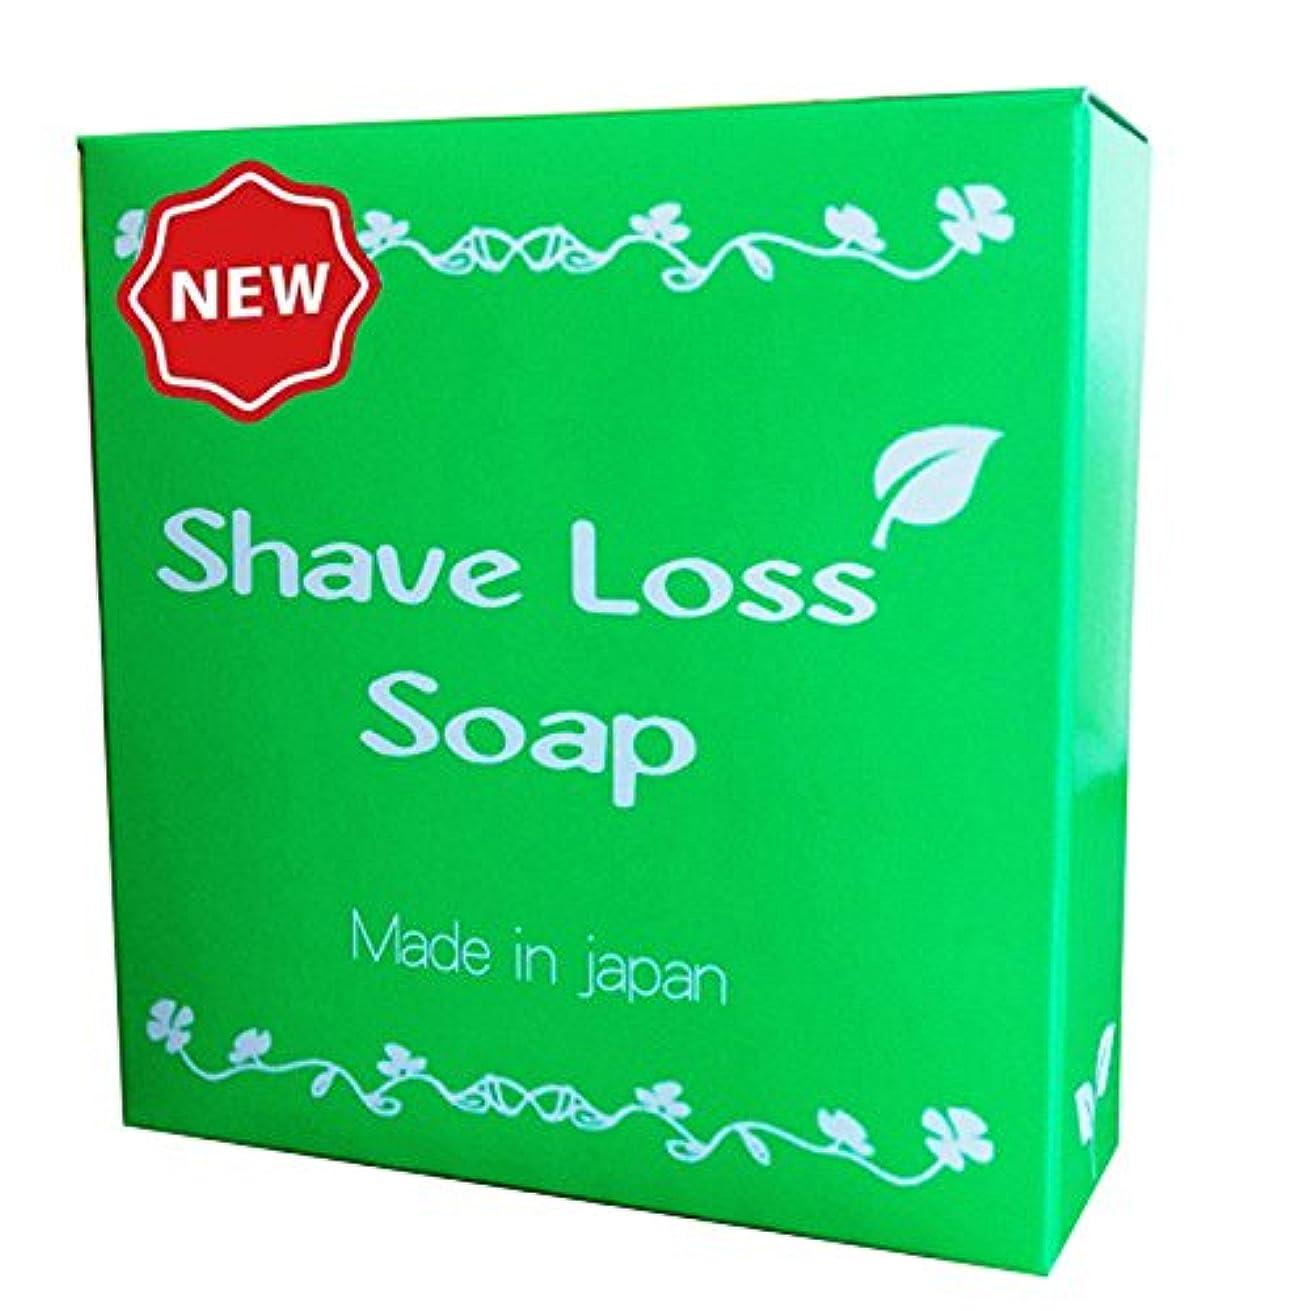 馬鹿飲料副詞【NEW】Shave Loss Soap 女性のツルツルを叶える 奇跡の石鹸 80g 2018年最新版 「ダイズ種子エキス」 「ラレアディバリカタエキス」大幅増量タイプ